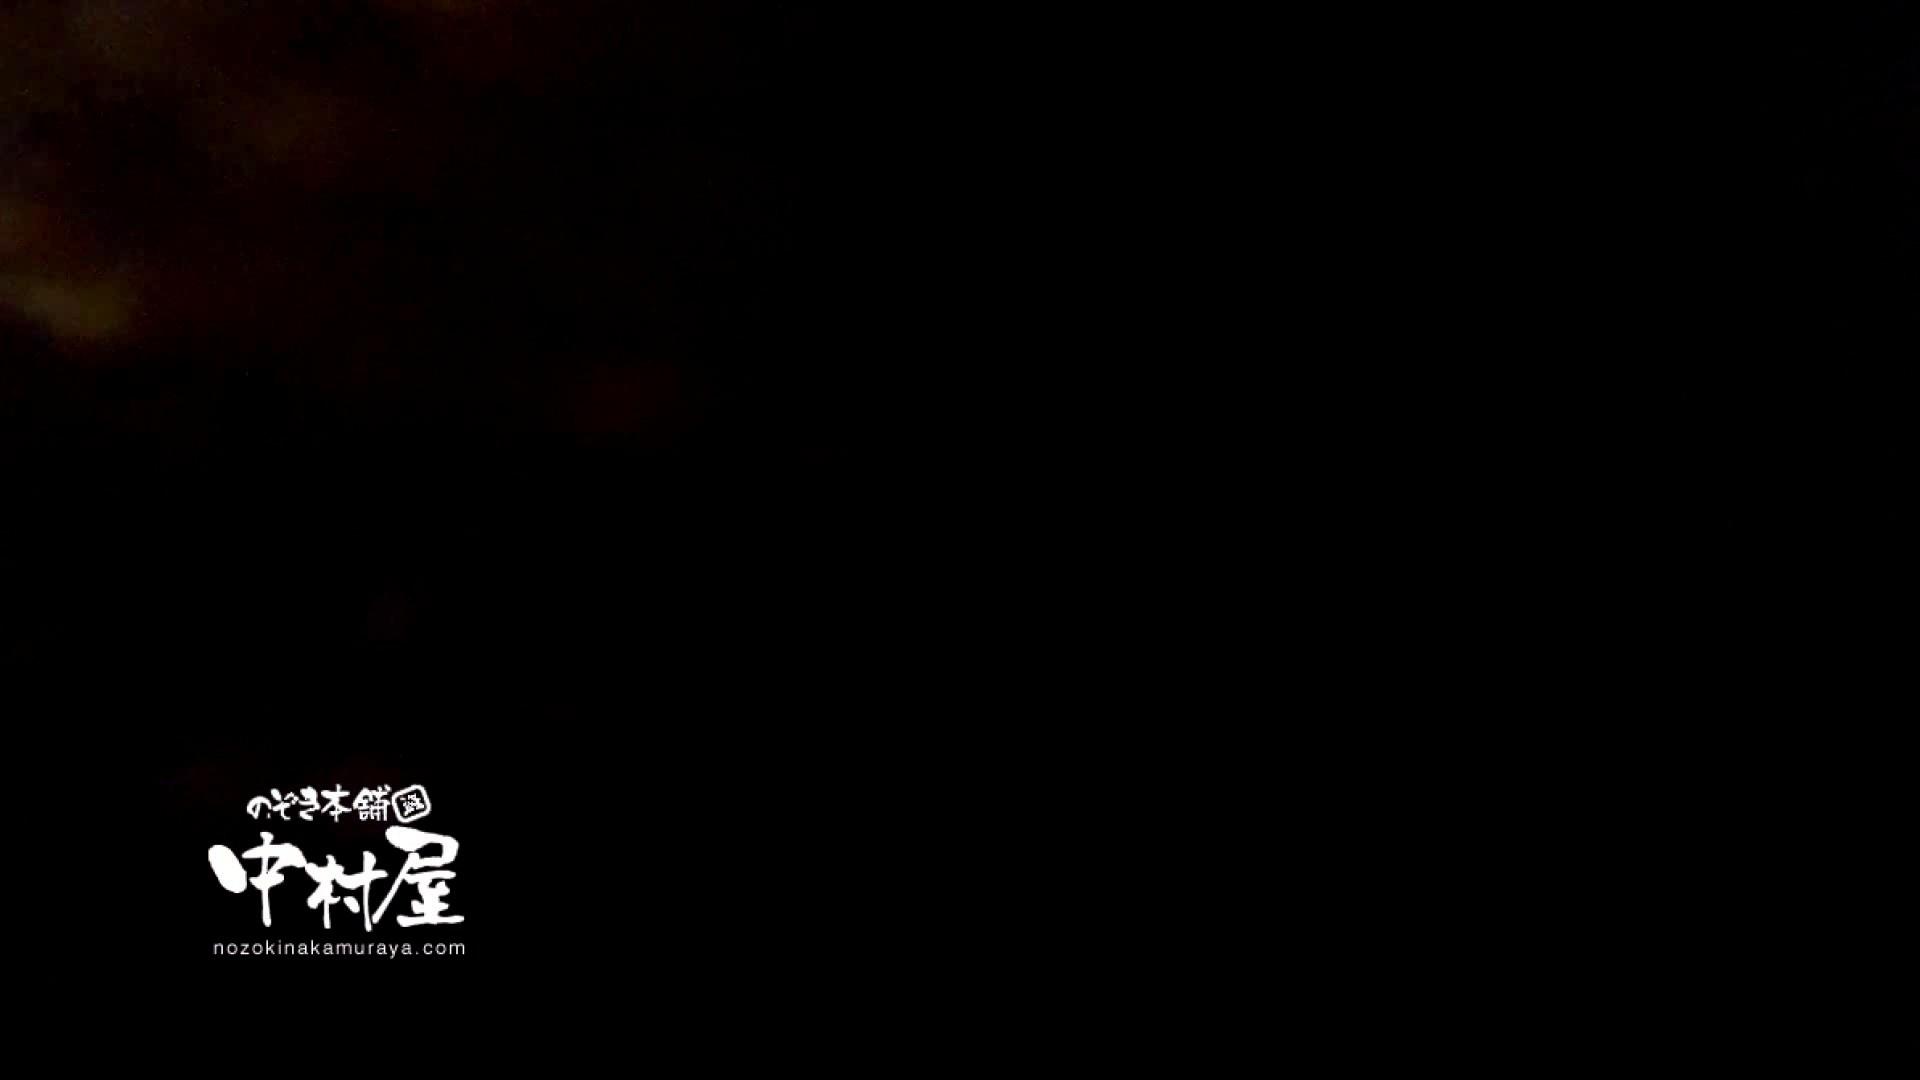 鬼畜 vol.16 実はマンざらでもない柔らかおっぱいちゃん 前編 おっぱい  93pic 81